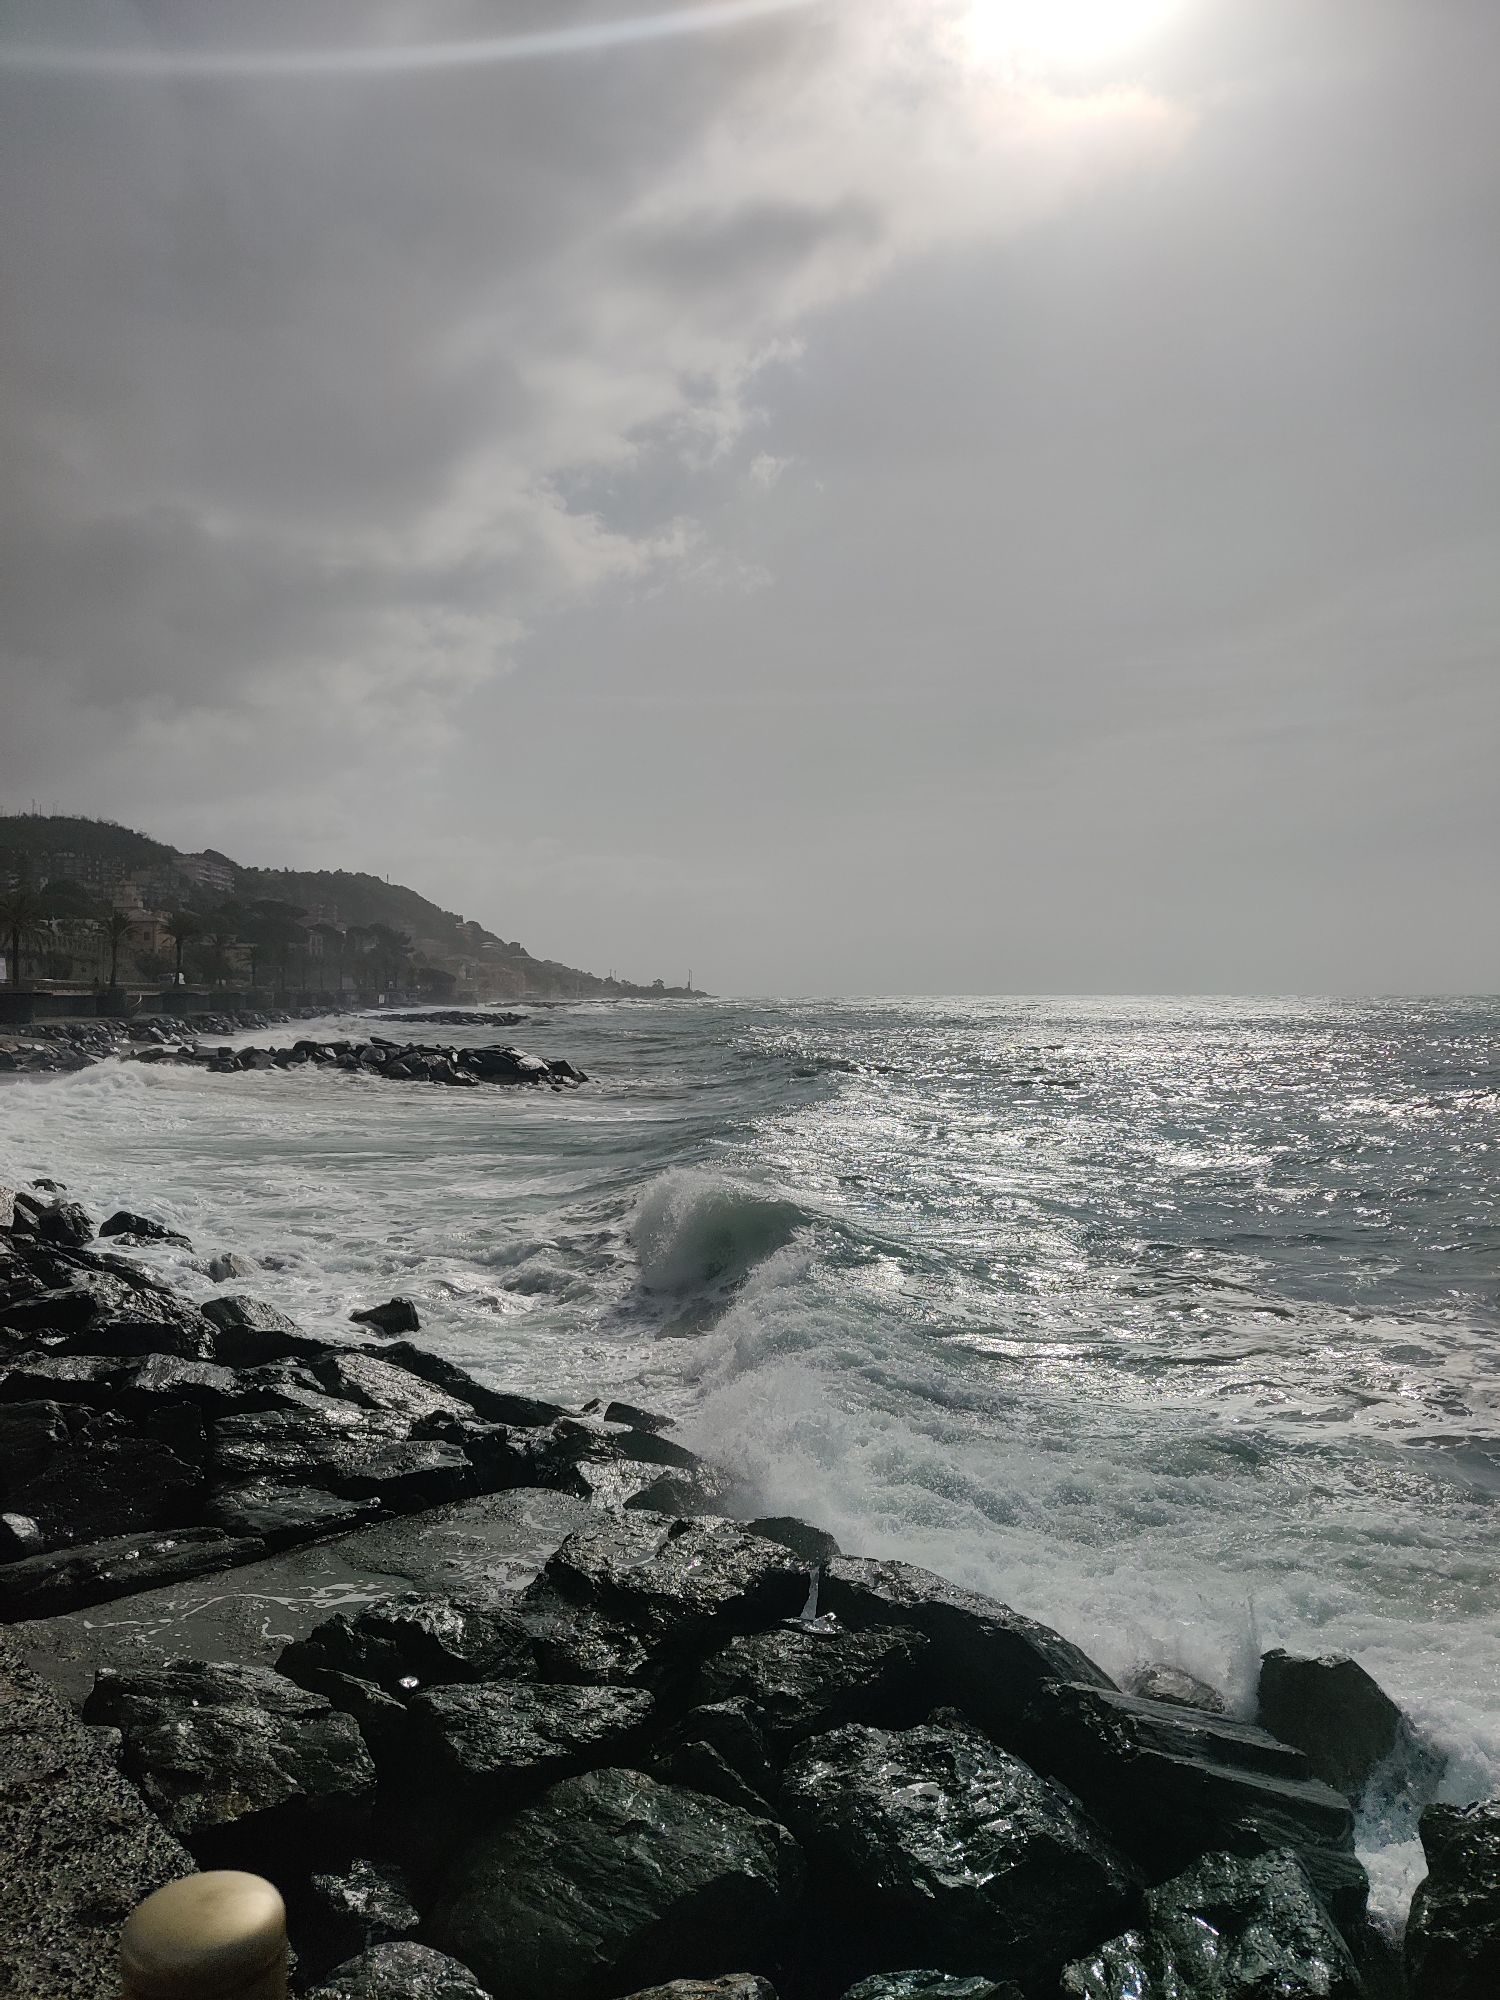 Рано утром было прохладно. В воздухе искрилась мелкая морская взвесь. Солнце, пробивающееся через тучи, отбирало цвет: фотография получалась черно-белой.